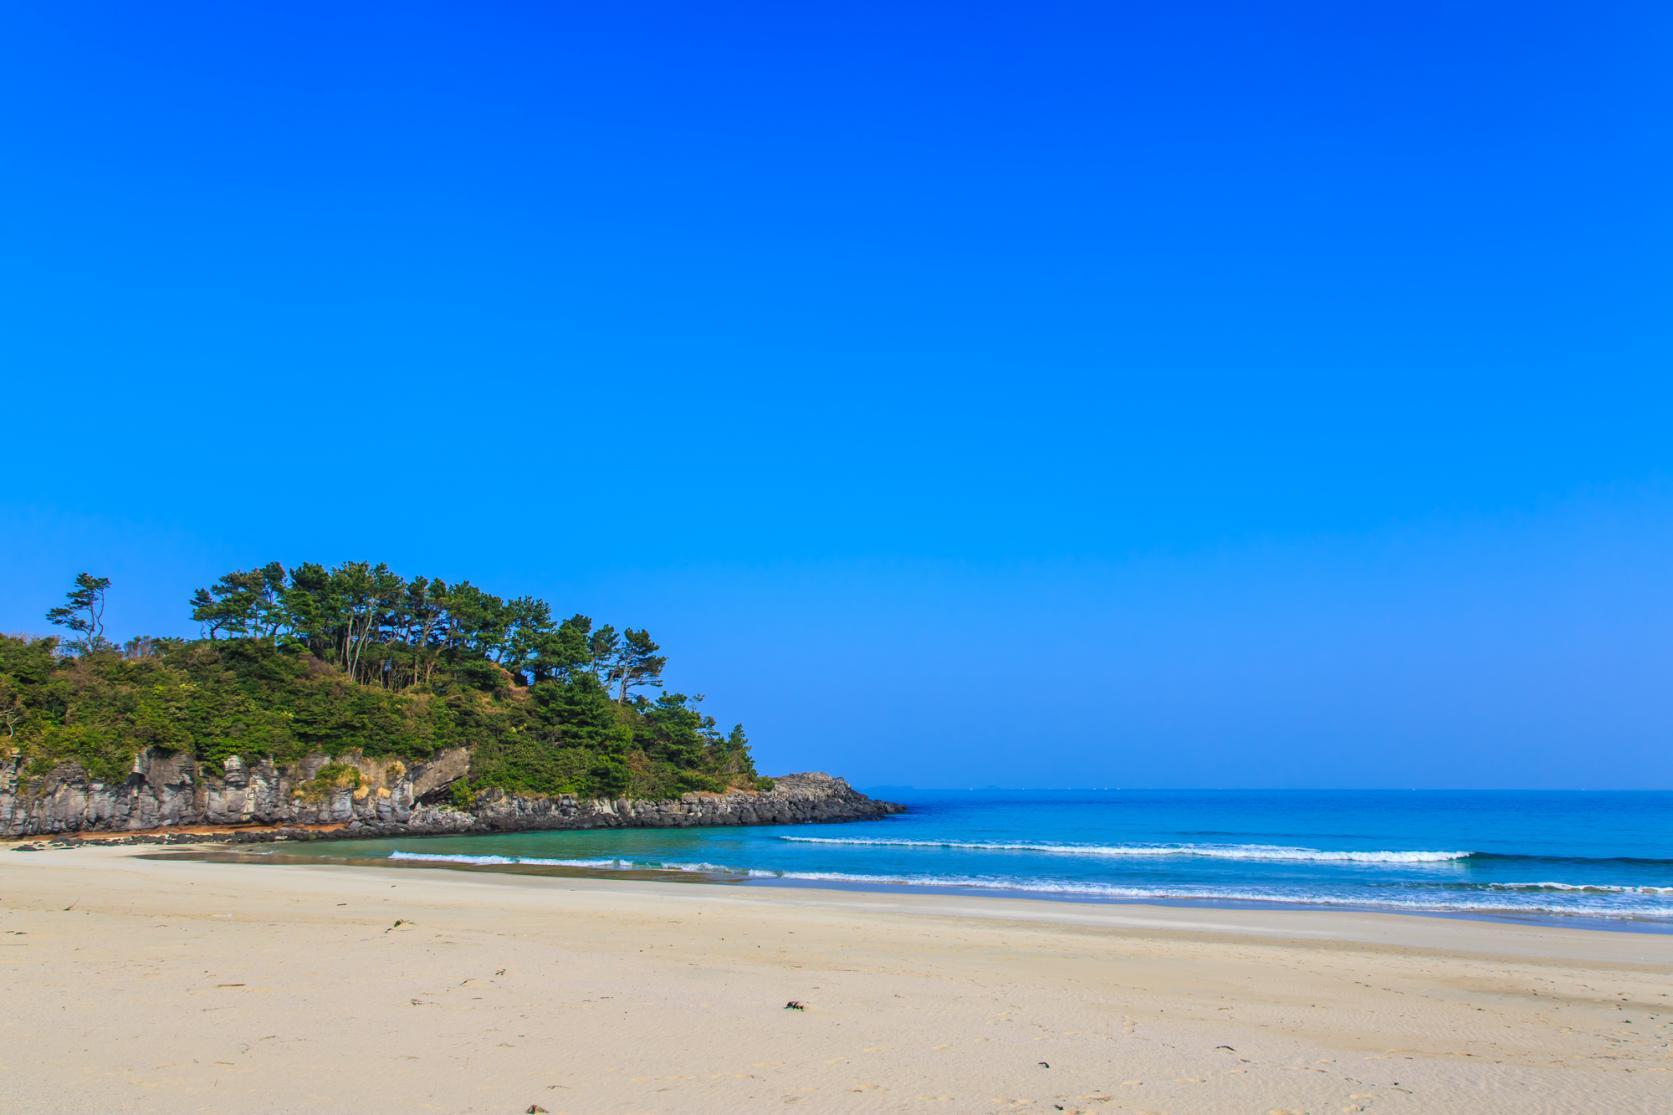 まるで玄界灘の宝石箱!広大な絶景ビーチでゆったり海水浴を-2